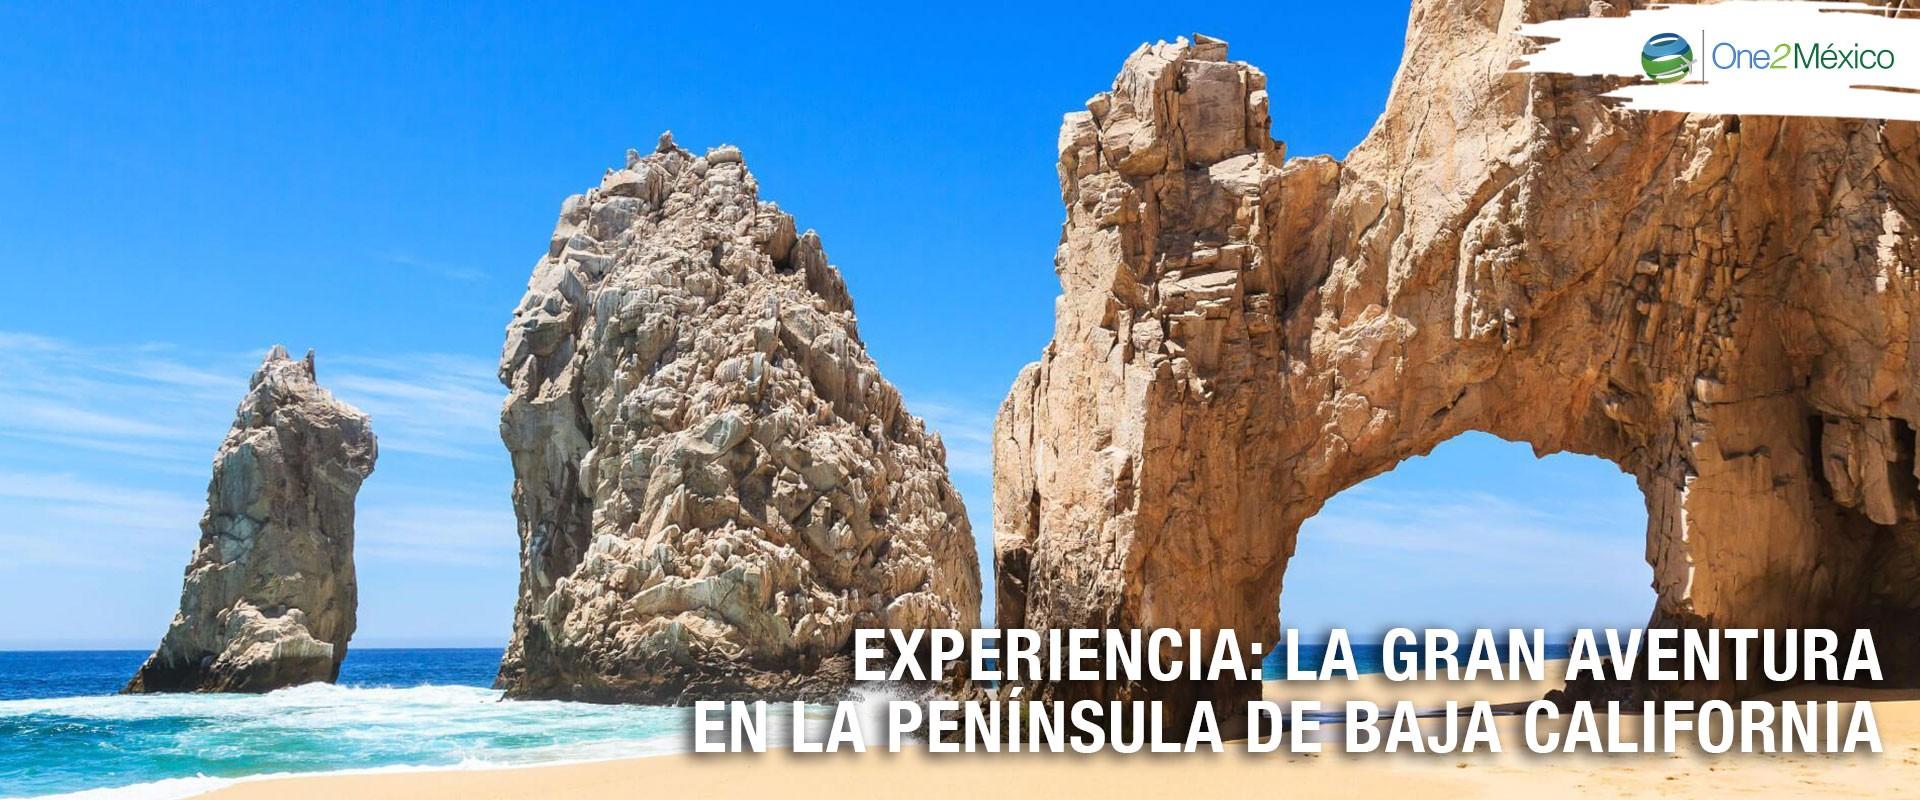 La gran aventura en la península de Baja California